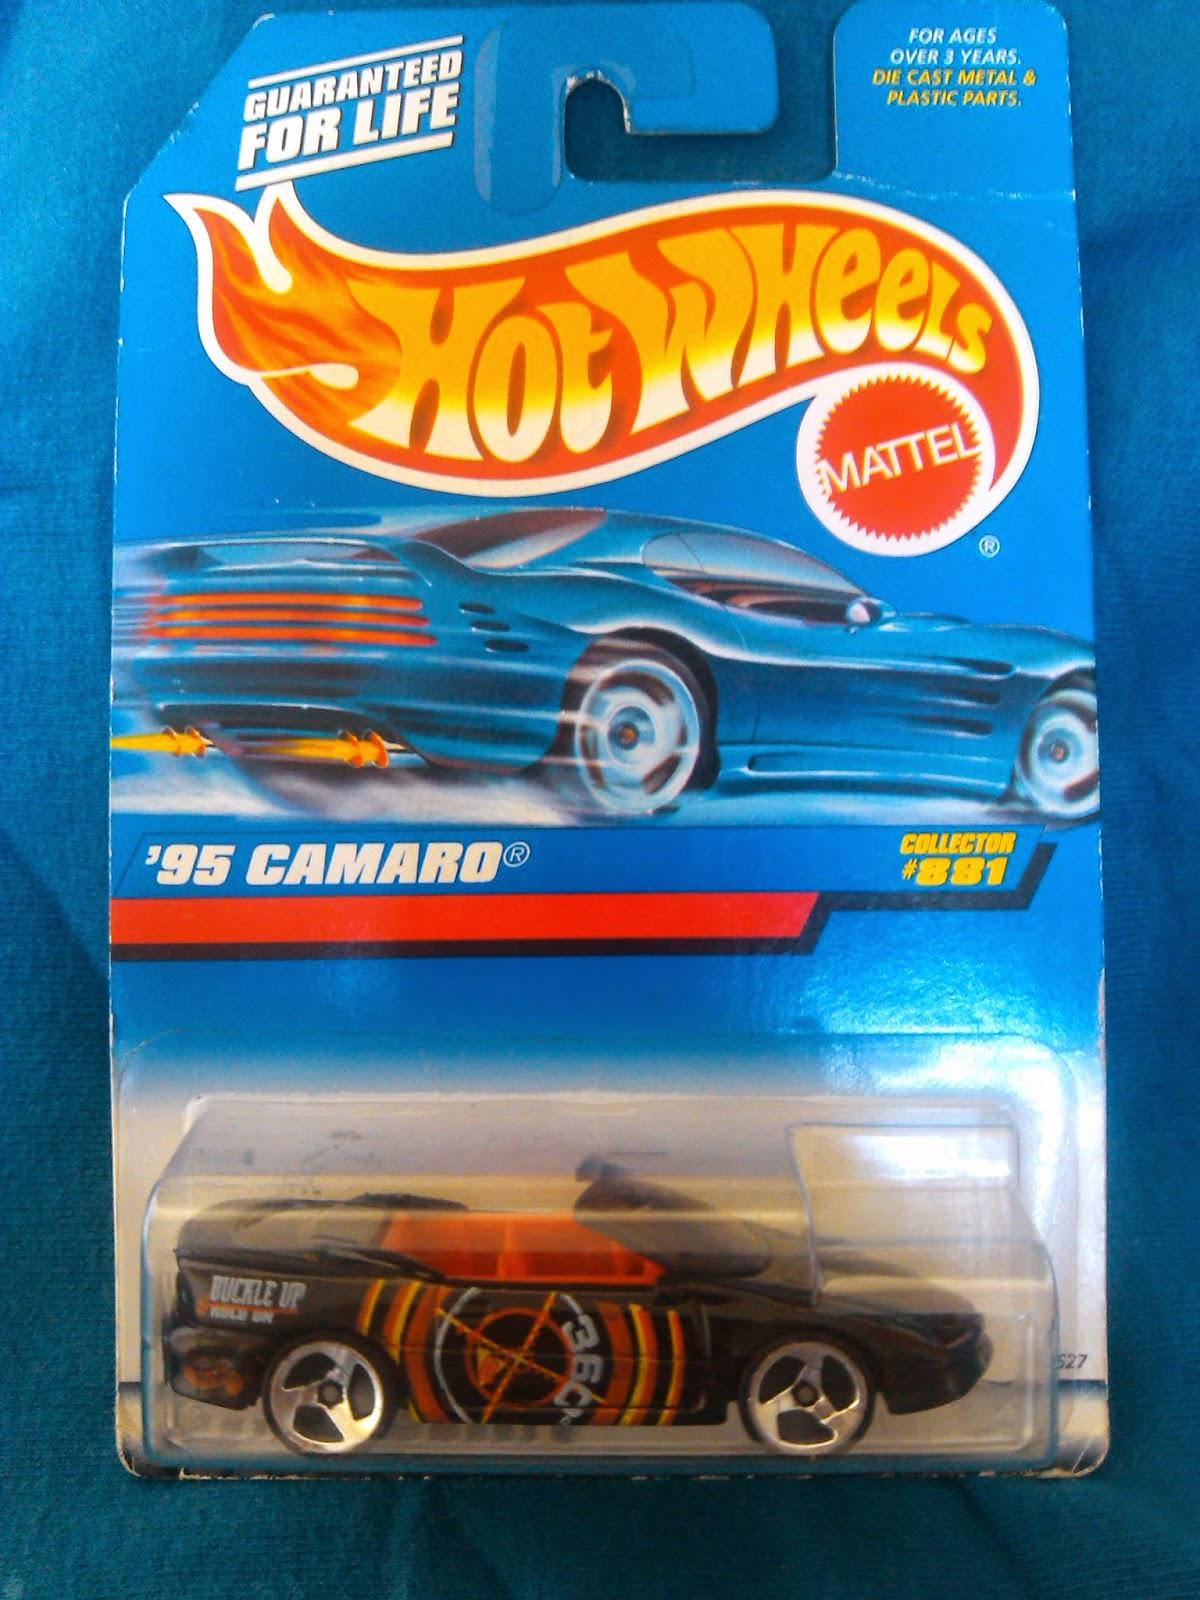 Colección Chevrolet Camaro en Blister '95+Camaro+1998+Hot+Wheels+%23881+3SP's